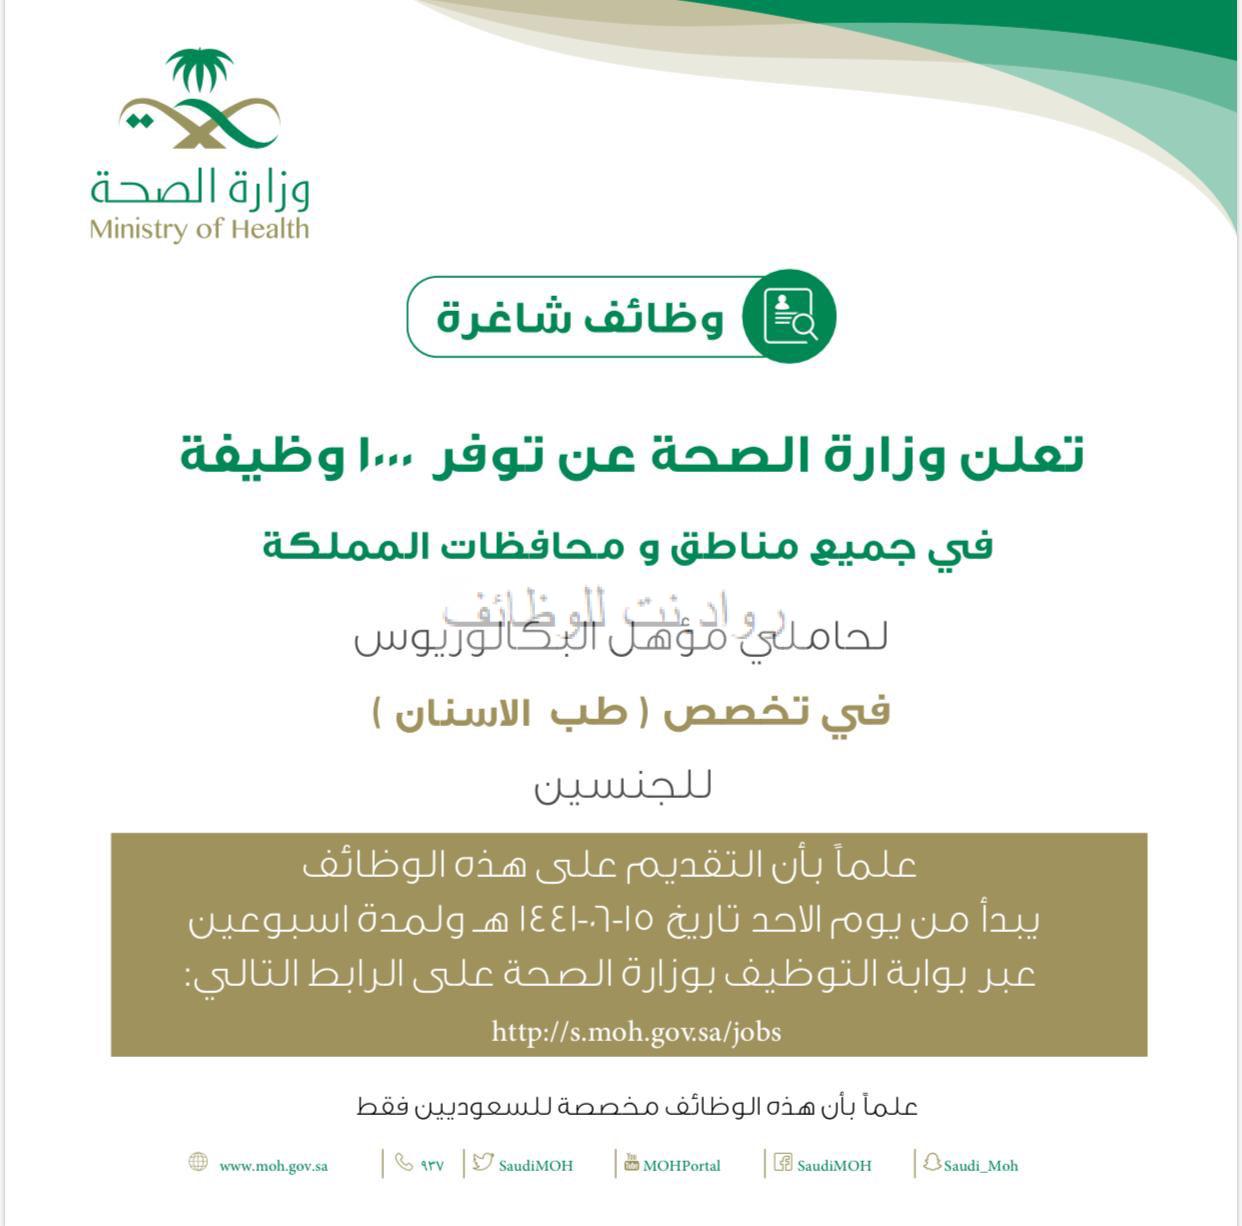 وزارة الصحة 1000 وظيفة طب اسنان في جميع مناطق المملكة